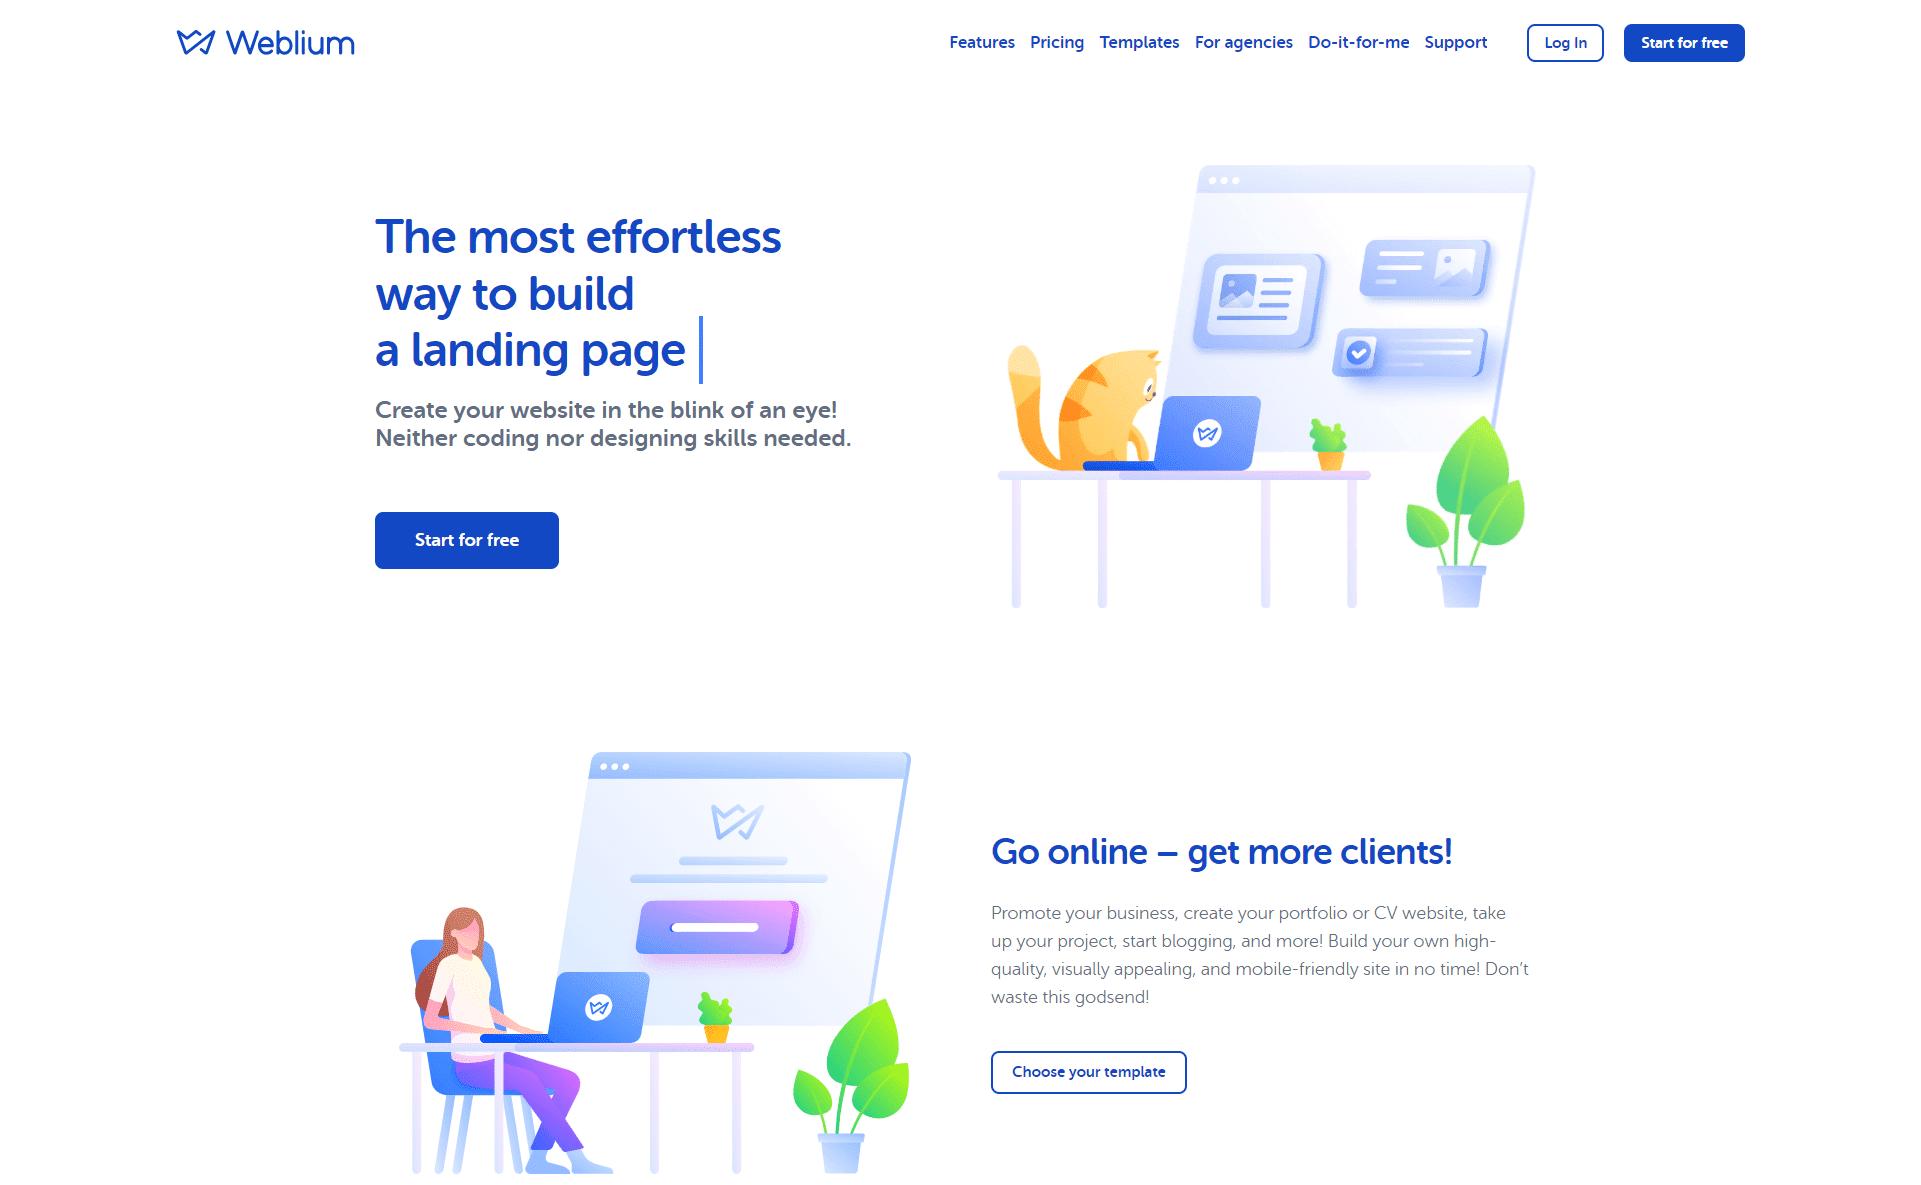 Weblium homepage